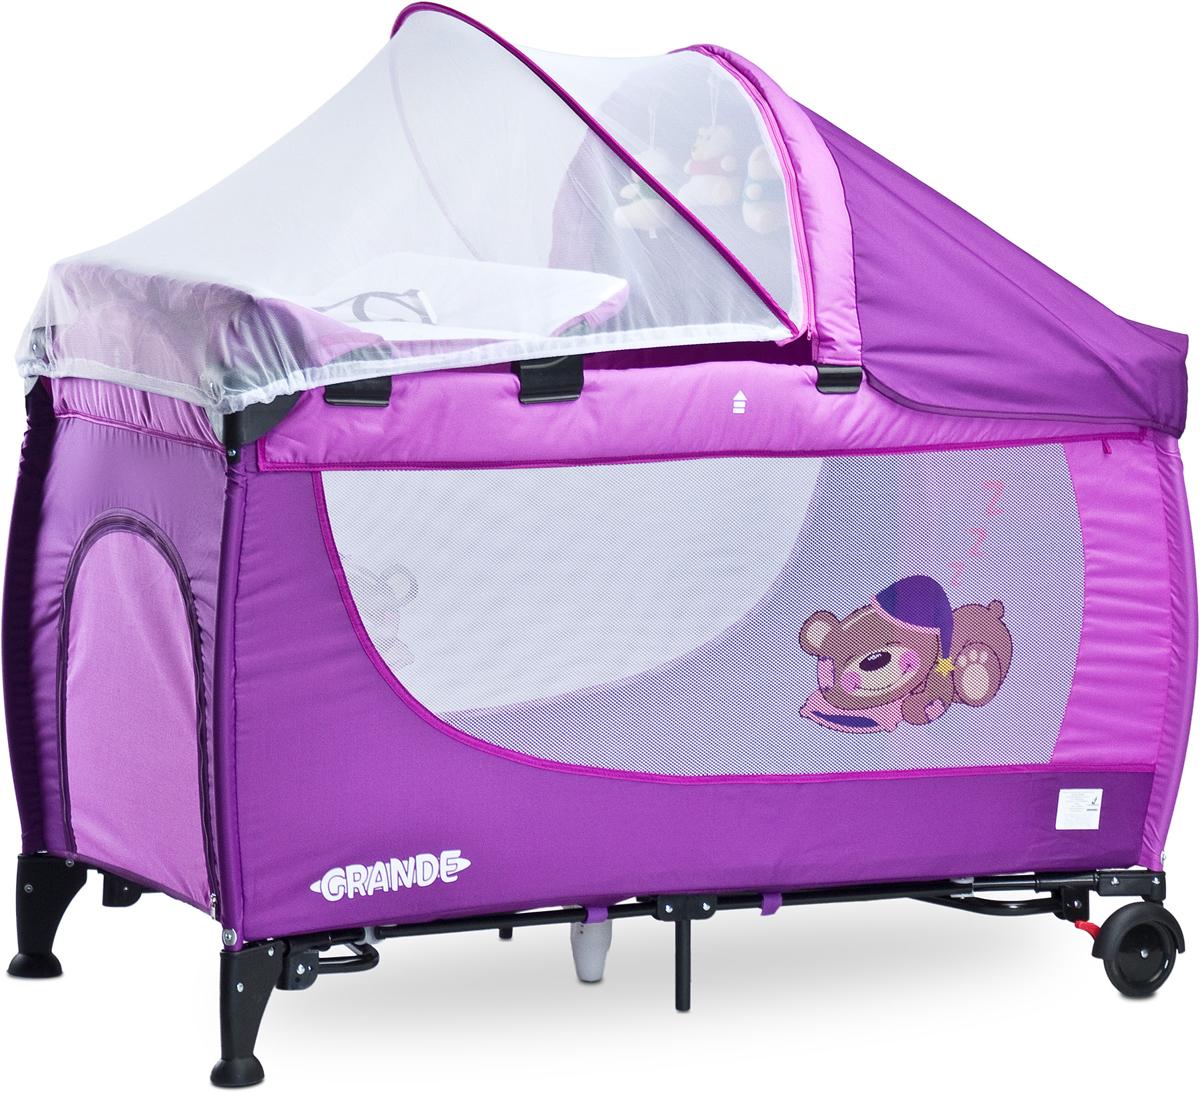 Caretero Манеж-кроватка Grande цвет фиолетовый - Детская комната